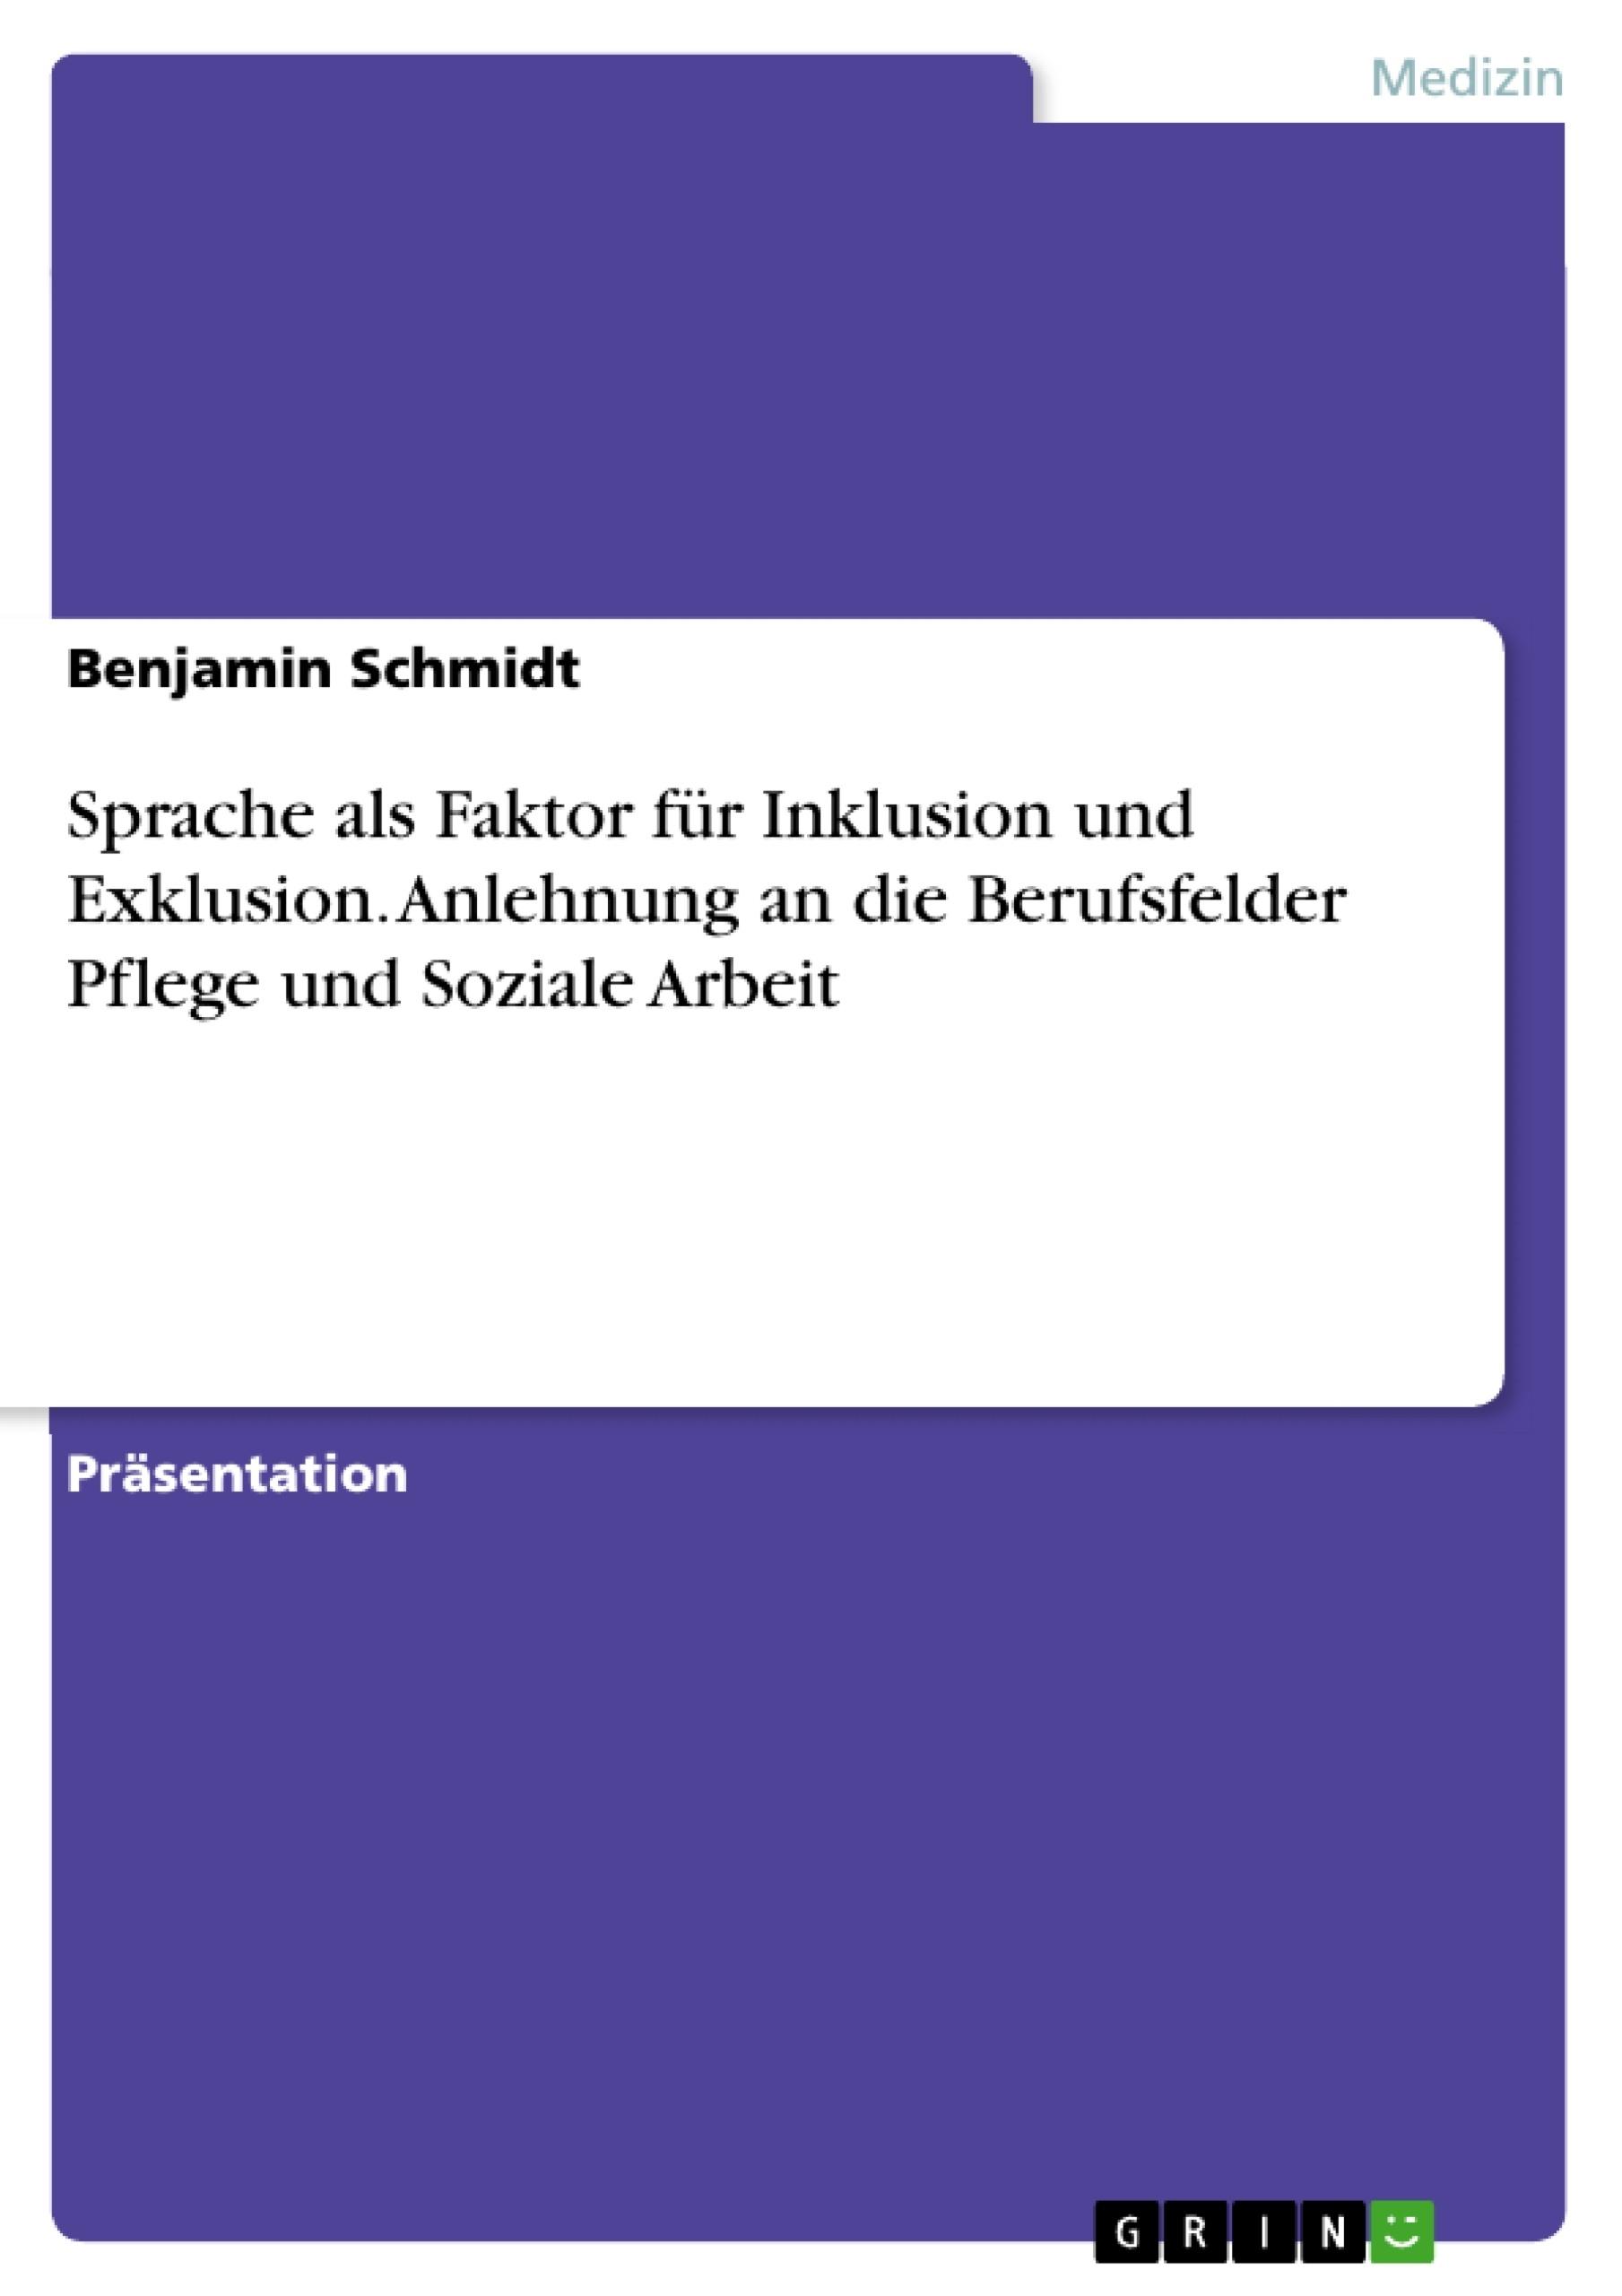 Titel: Sprache als Faktor für Inklusion und Exklusion. Anlehnung an die Berufsfelder Pflege und Soziale Arbeit